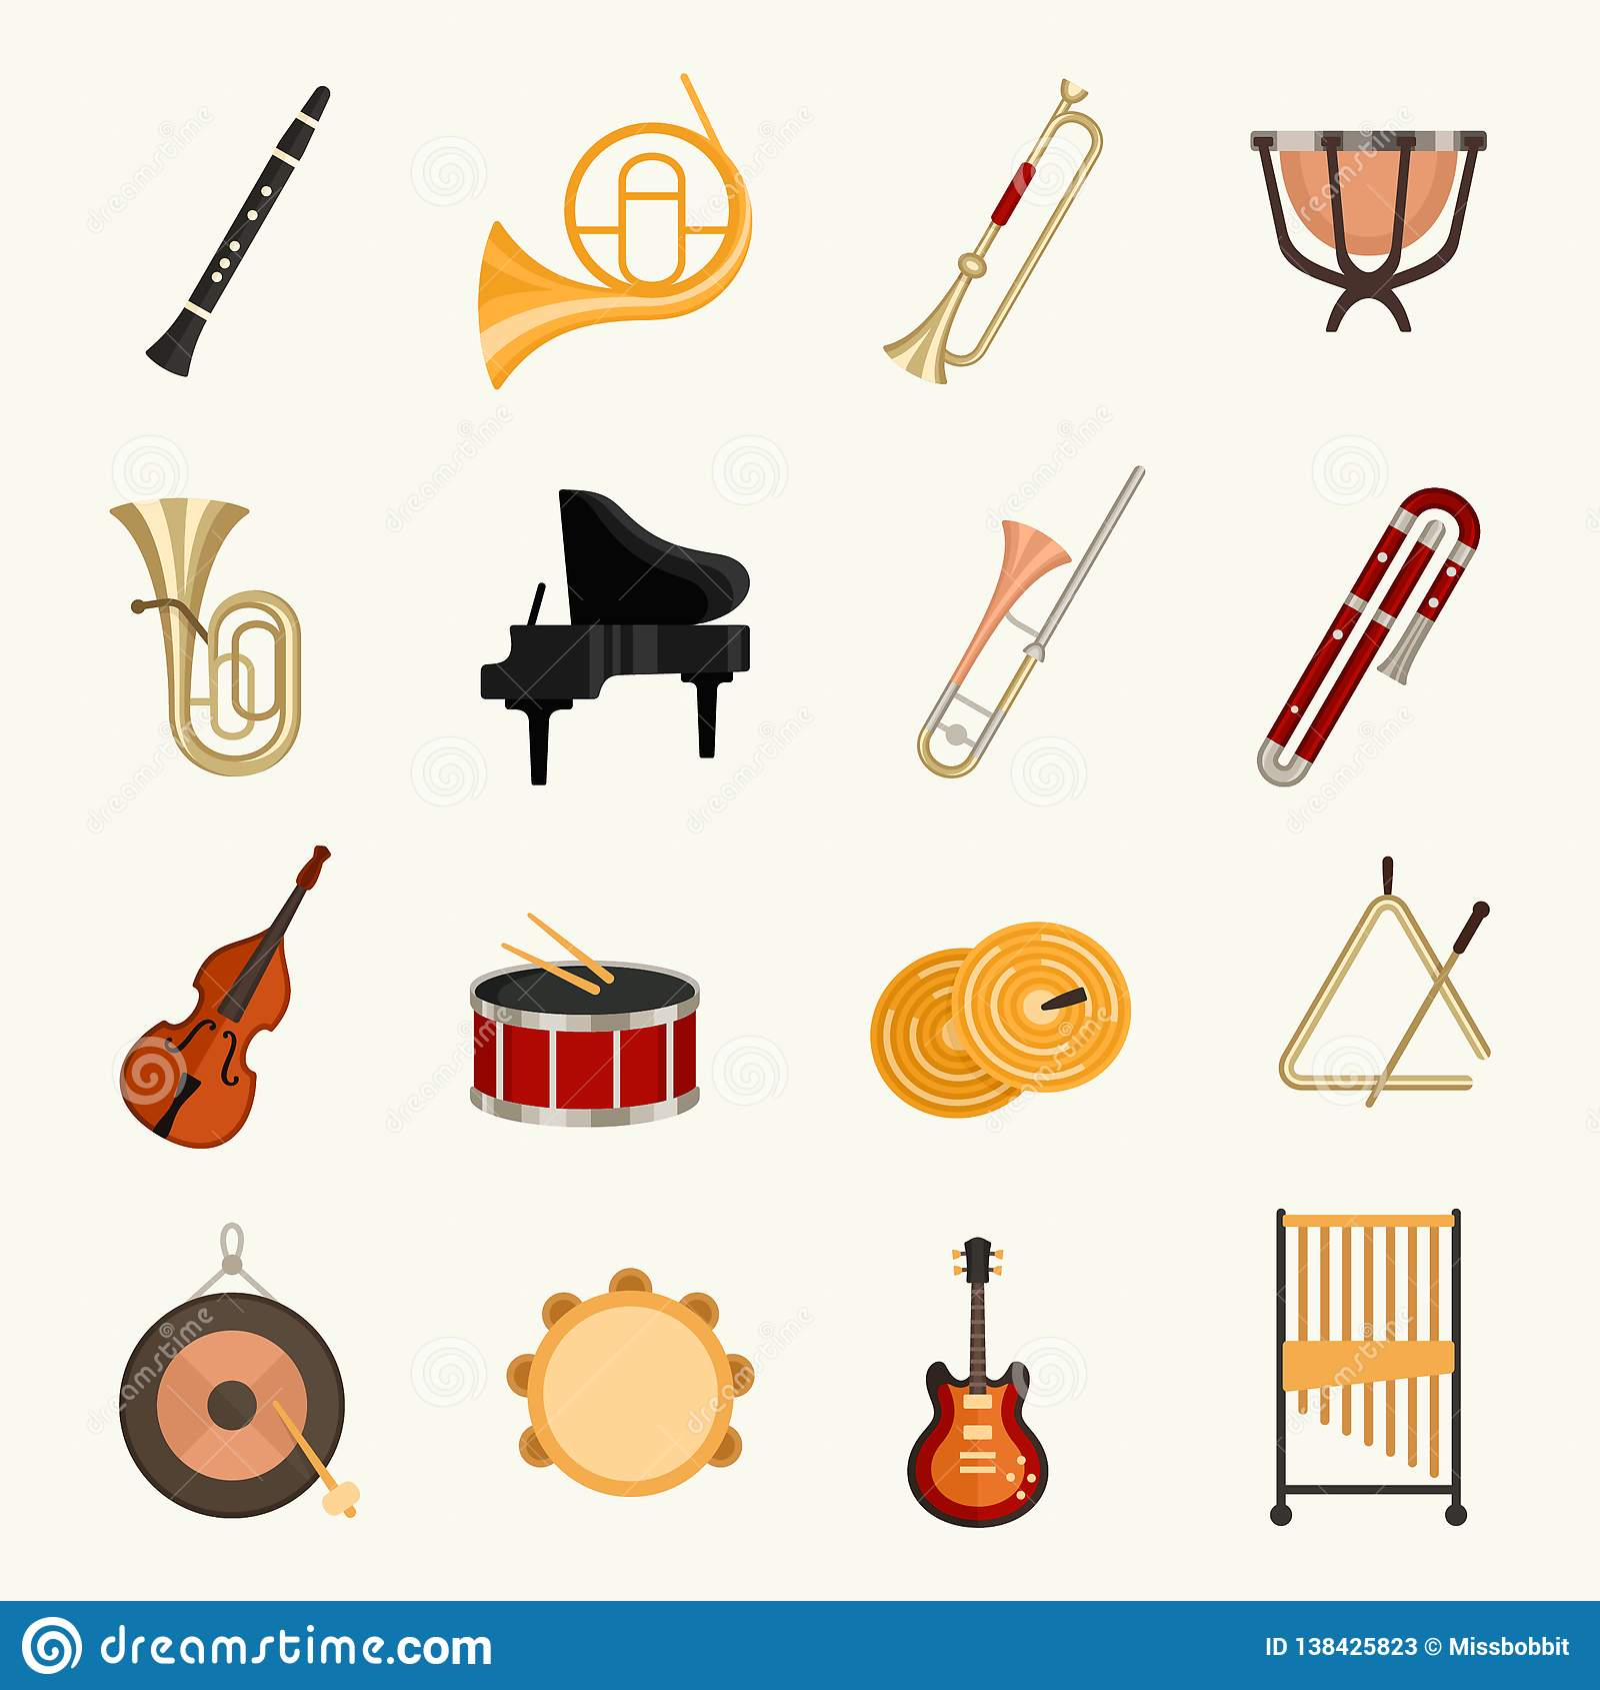 Διανυσματική απεικόνιση οργάνων ορχηστρών μουσική